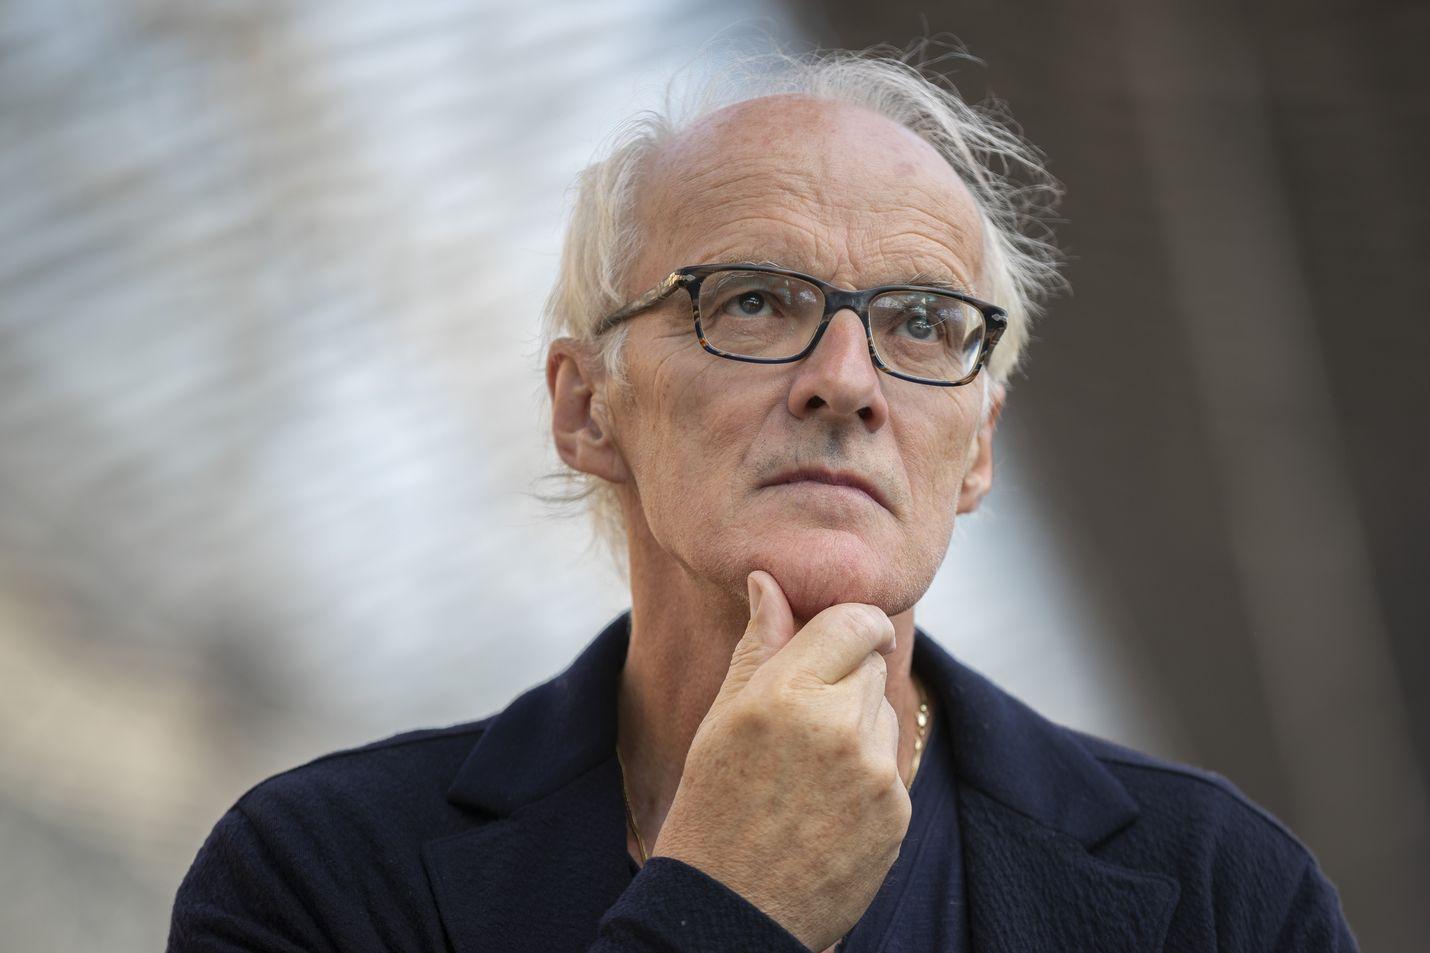 Työoikeuden emeritusprofessori Seppo Koskinen Turun yliopistosta toivoo korkeimman oikeuden ratkaisua siitä, saako työnantaja leikata työntekijöiden palkkoja yrityksen voiton kasvattamiseksi.